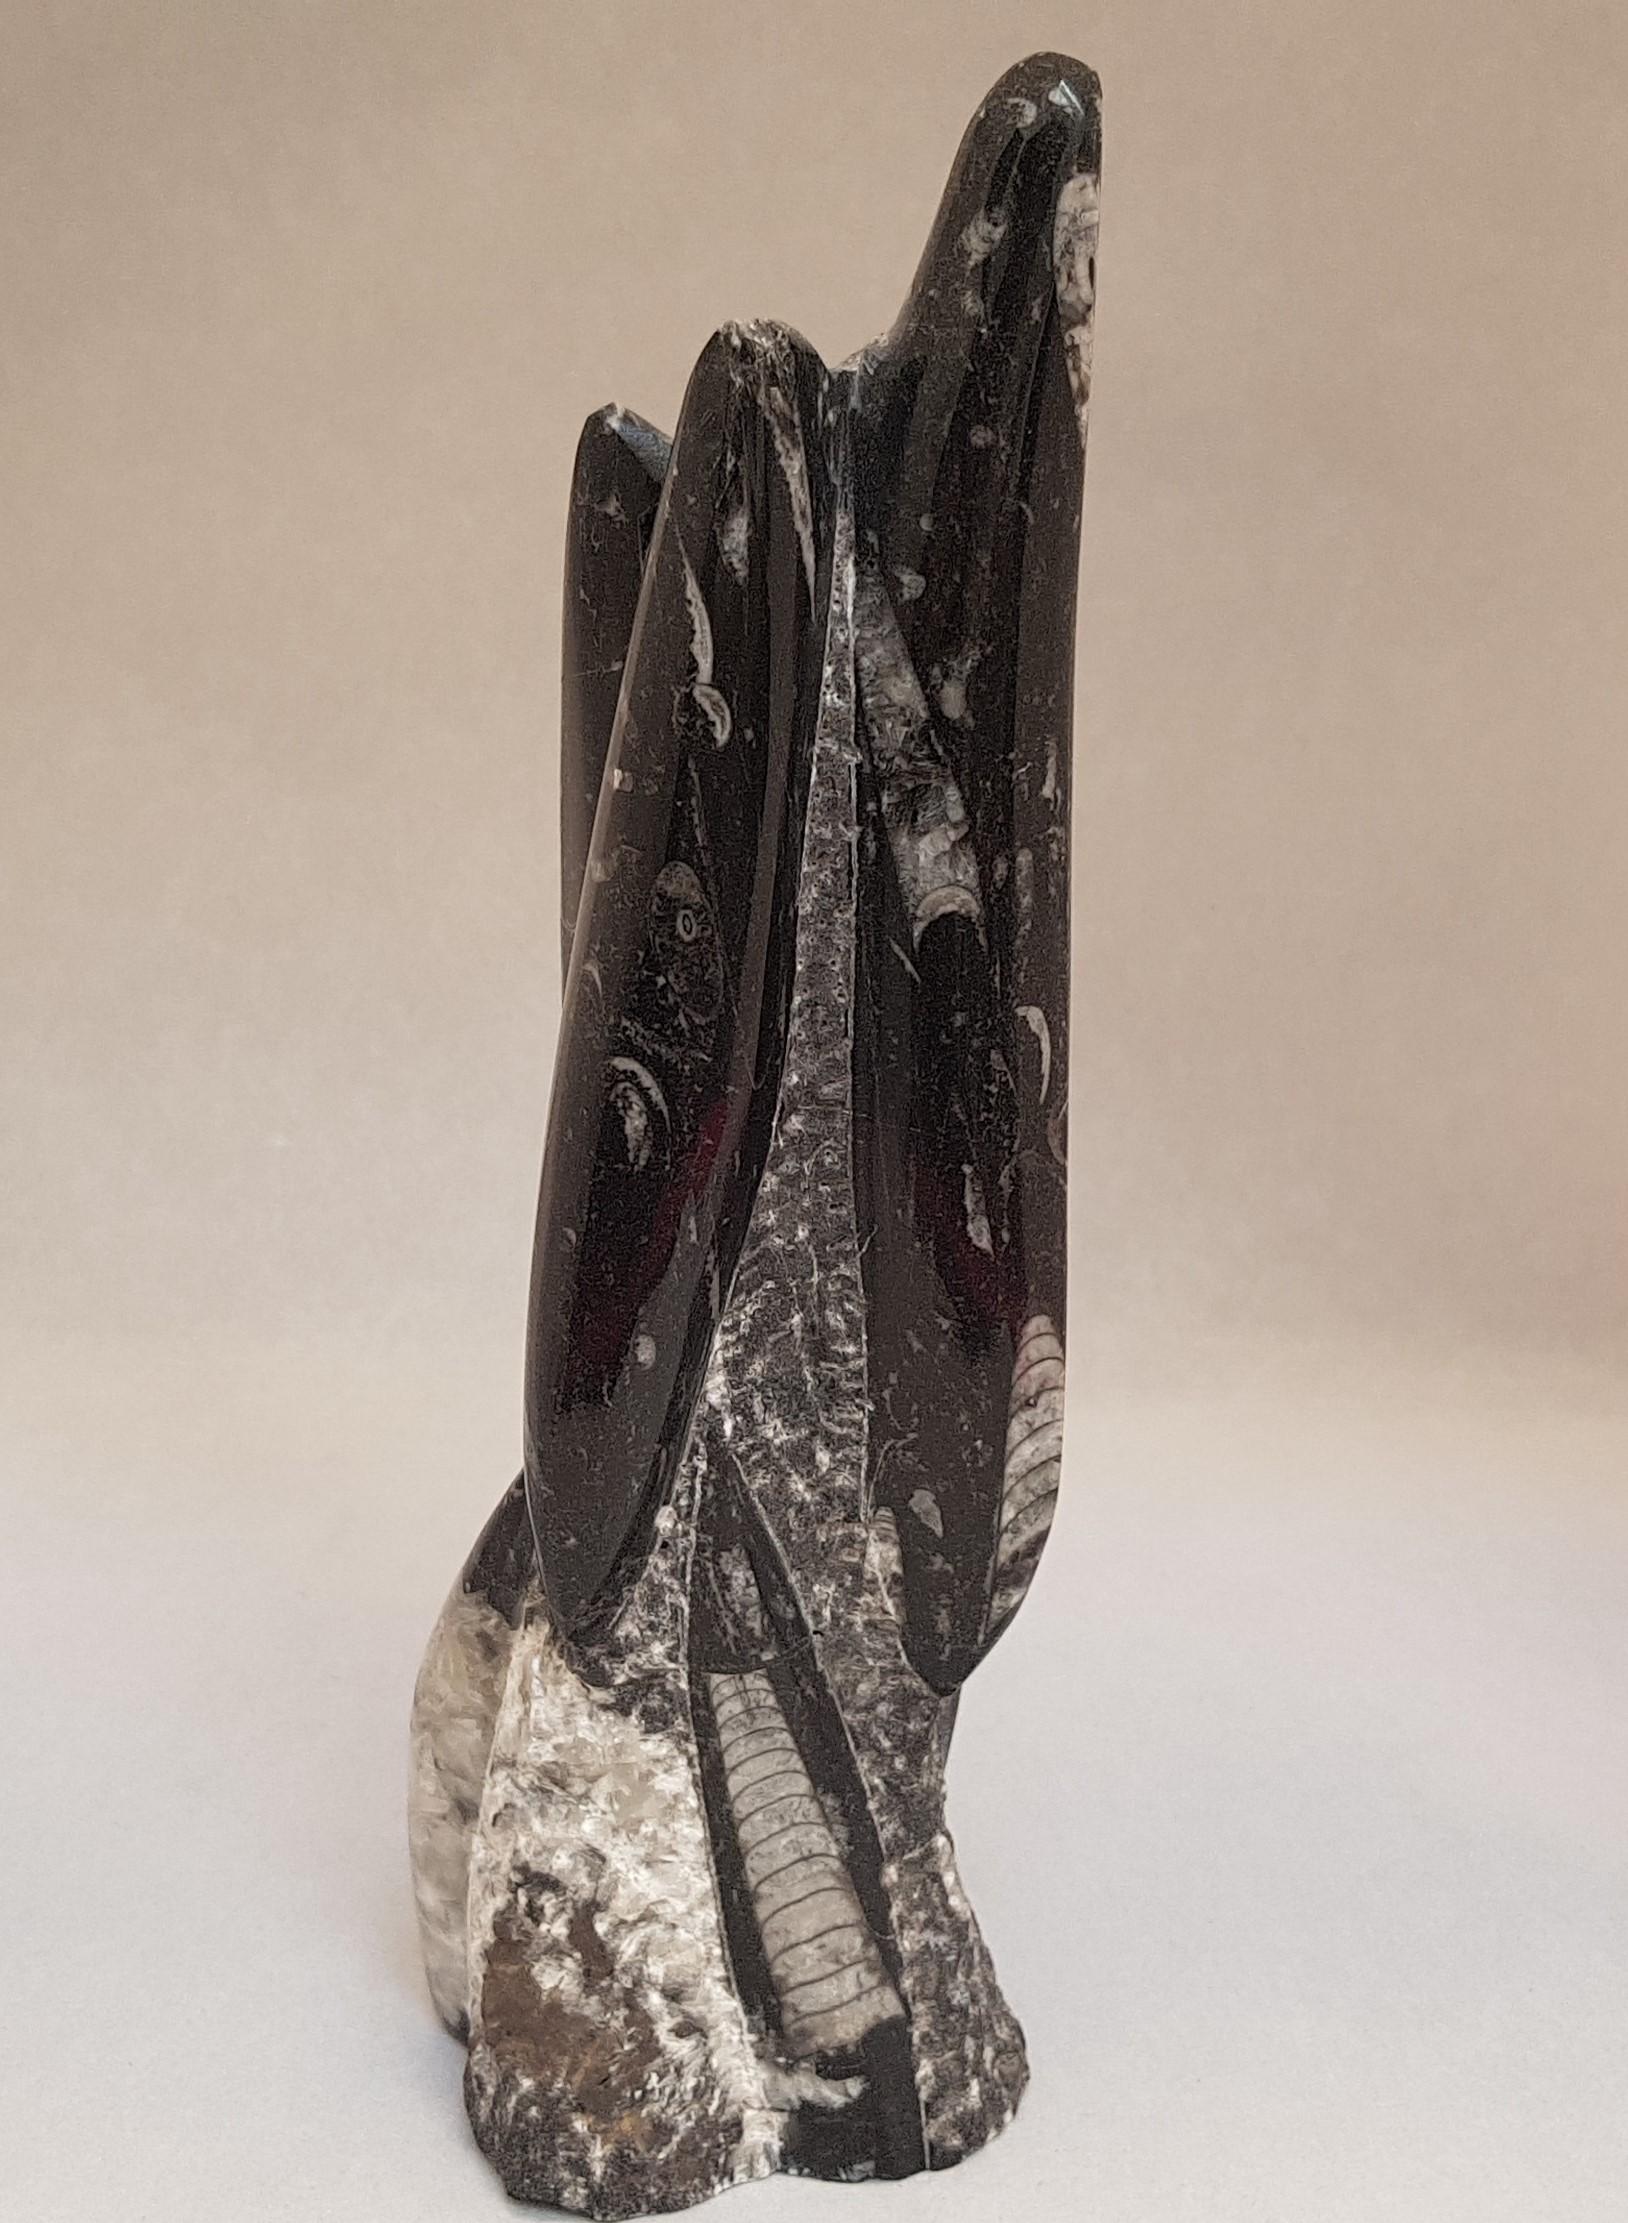 Orthoceras of fossiele inktvis